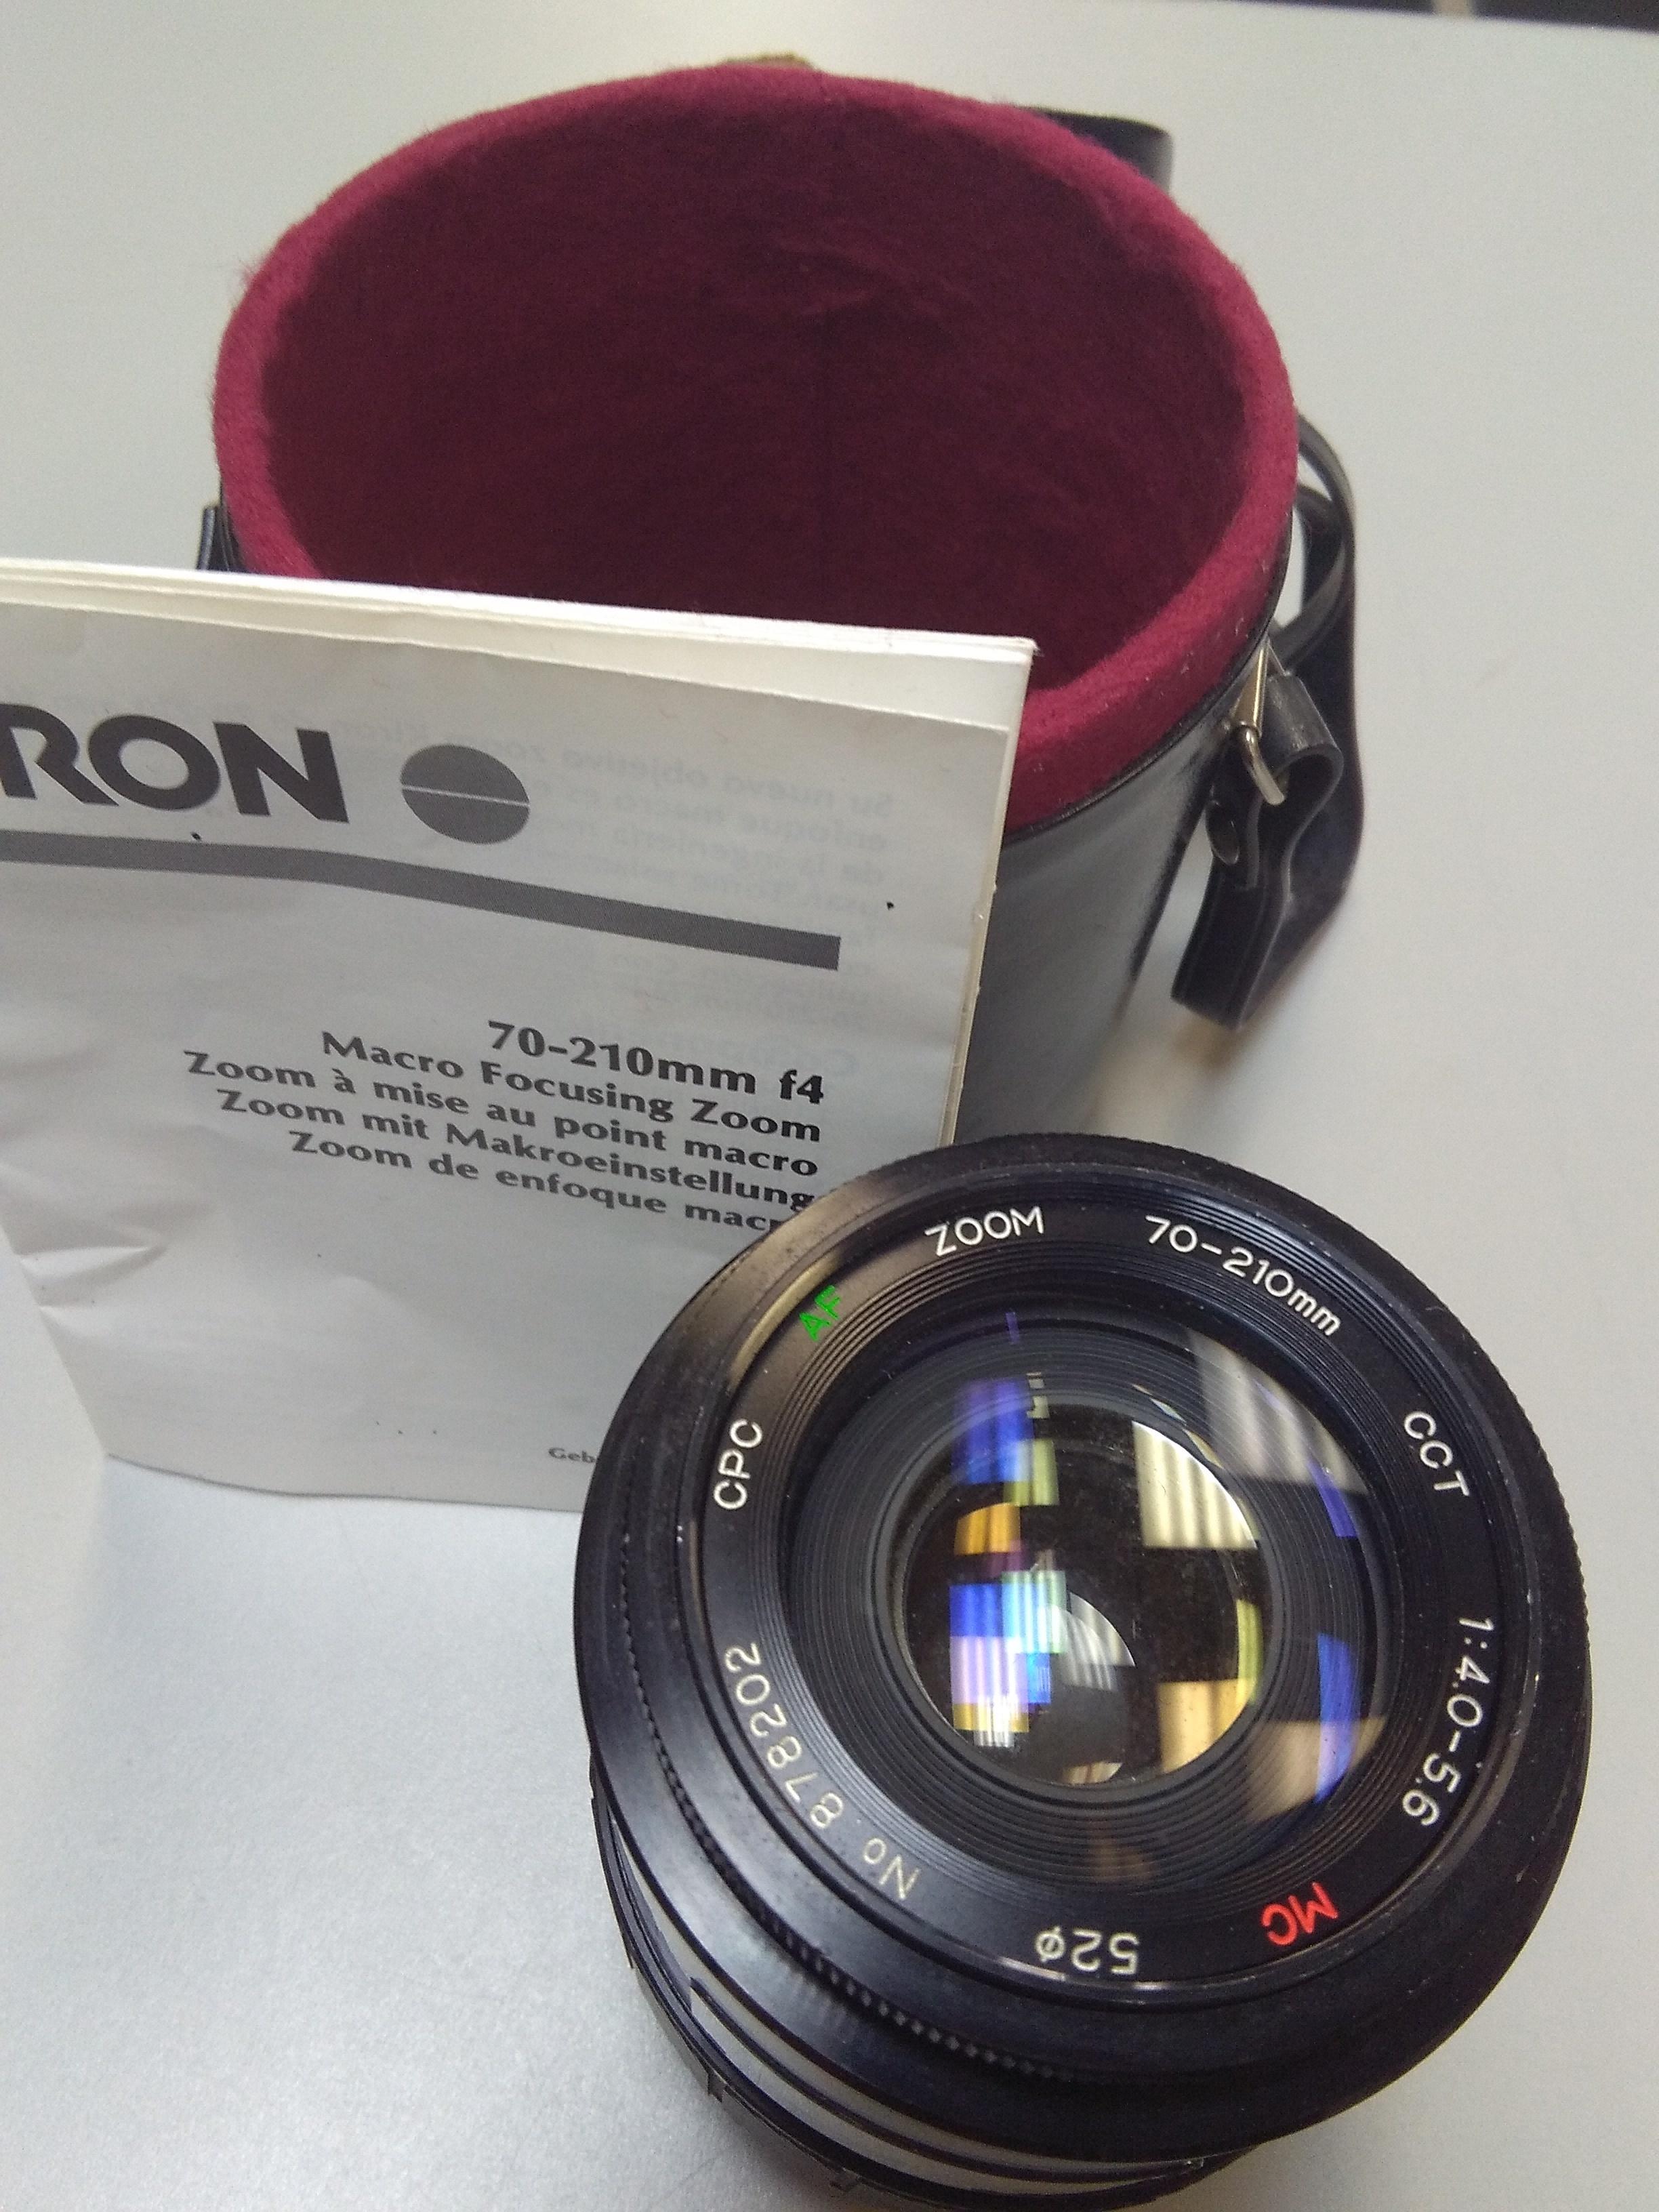 Kiron CPC AF Zoom 70-210 mm Lens